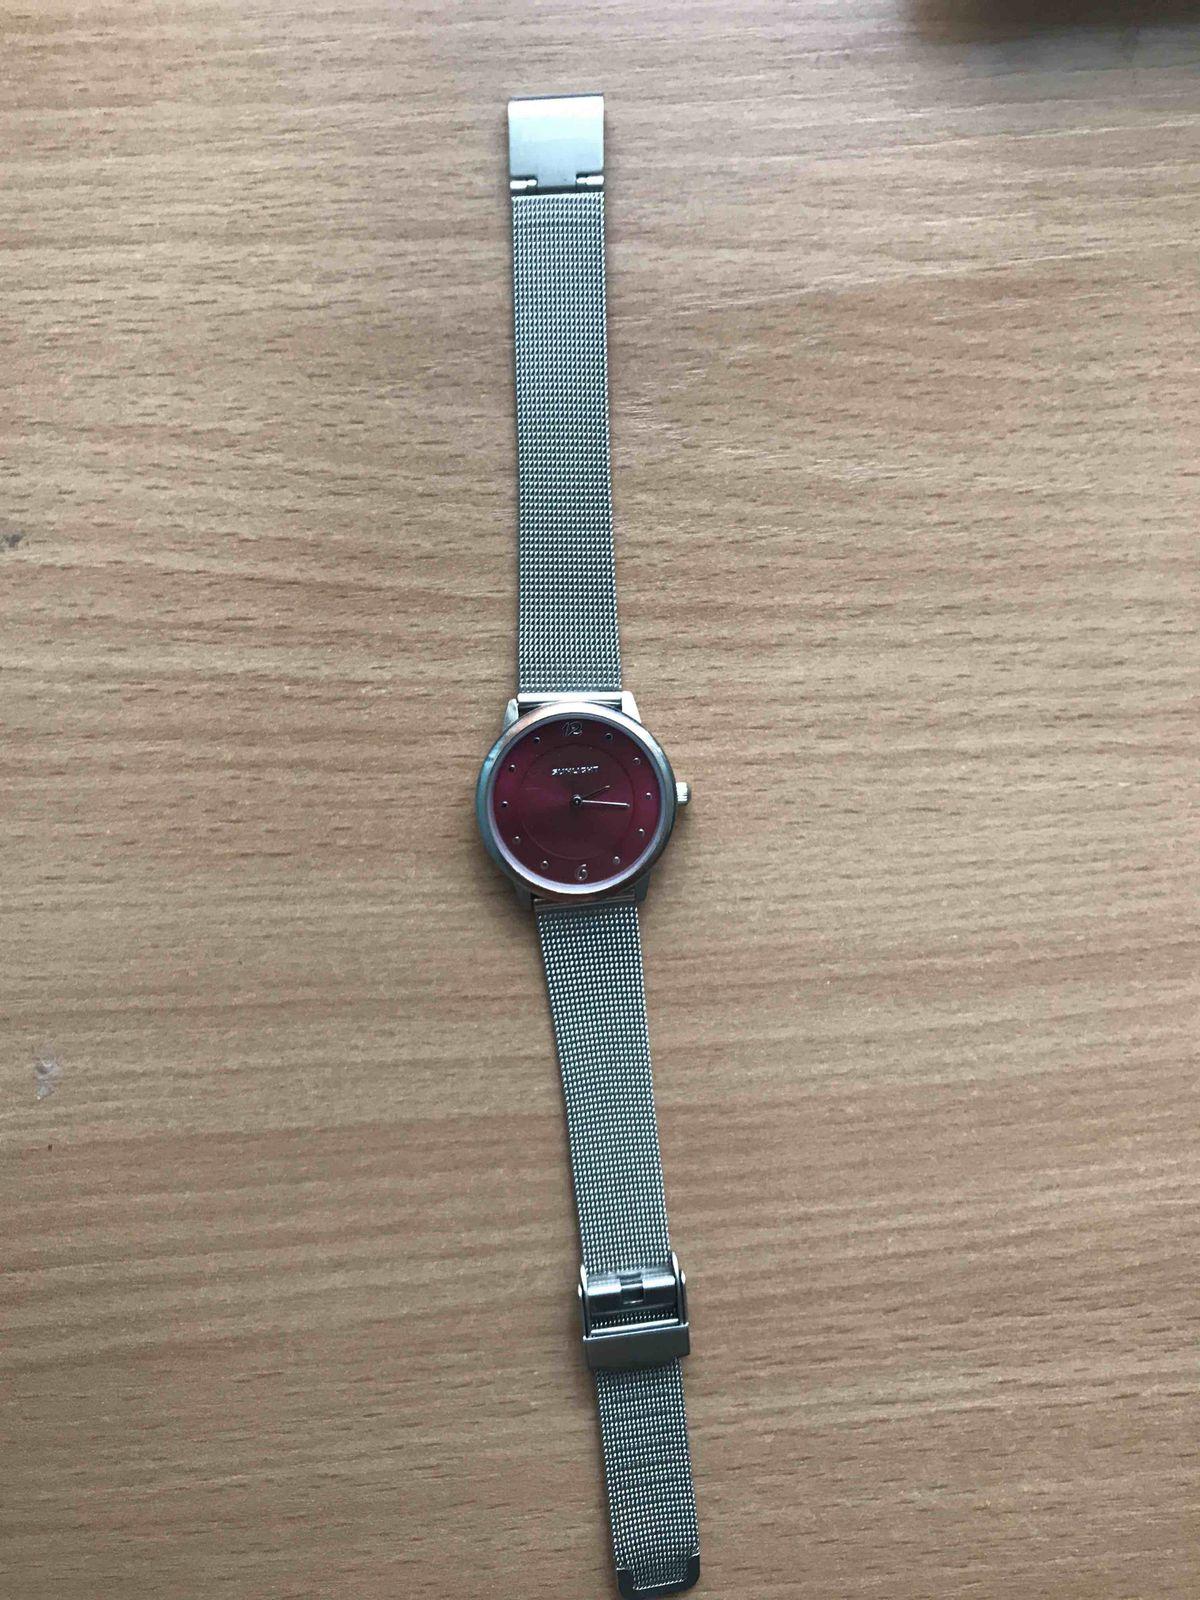 Купила часы,по хорошей скидке плюс ко всему выглядят отлично